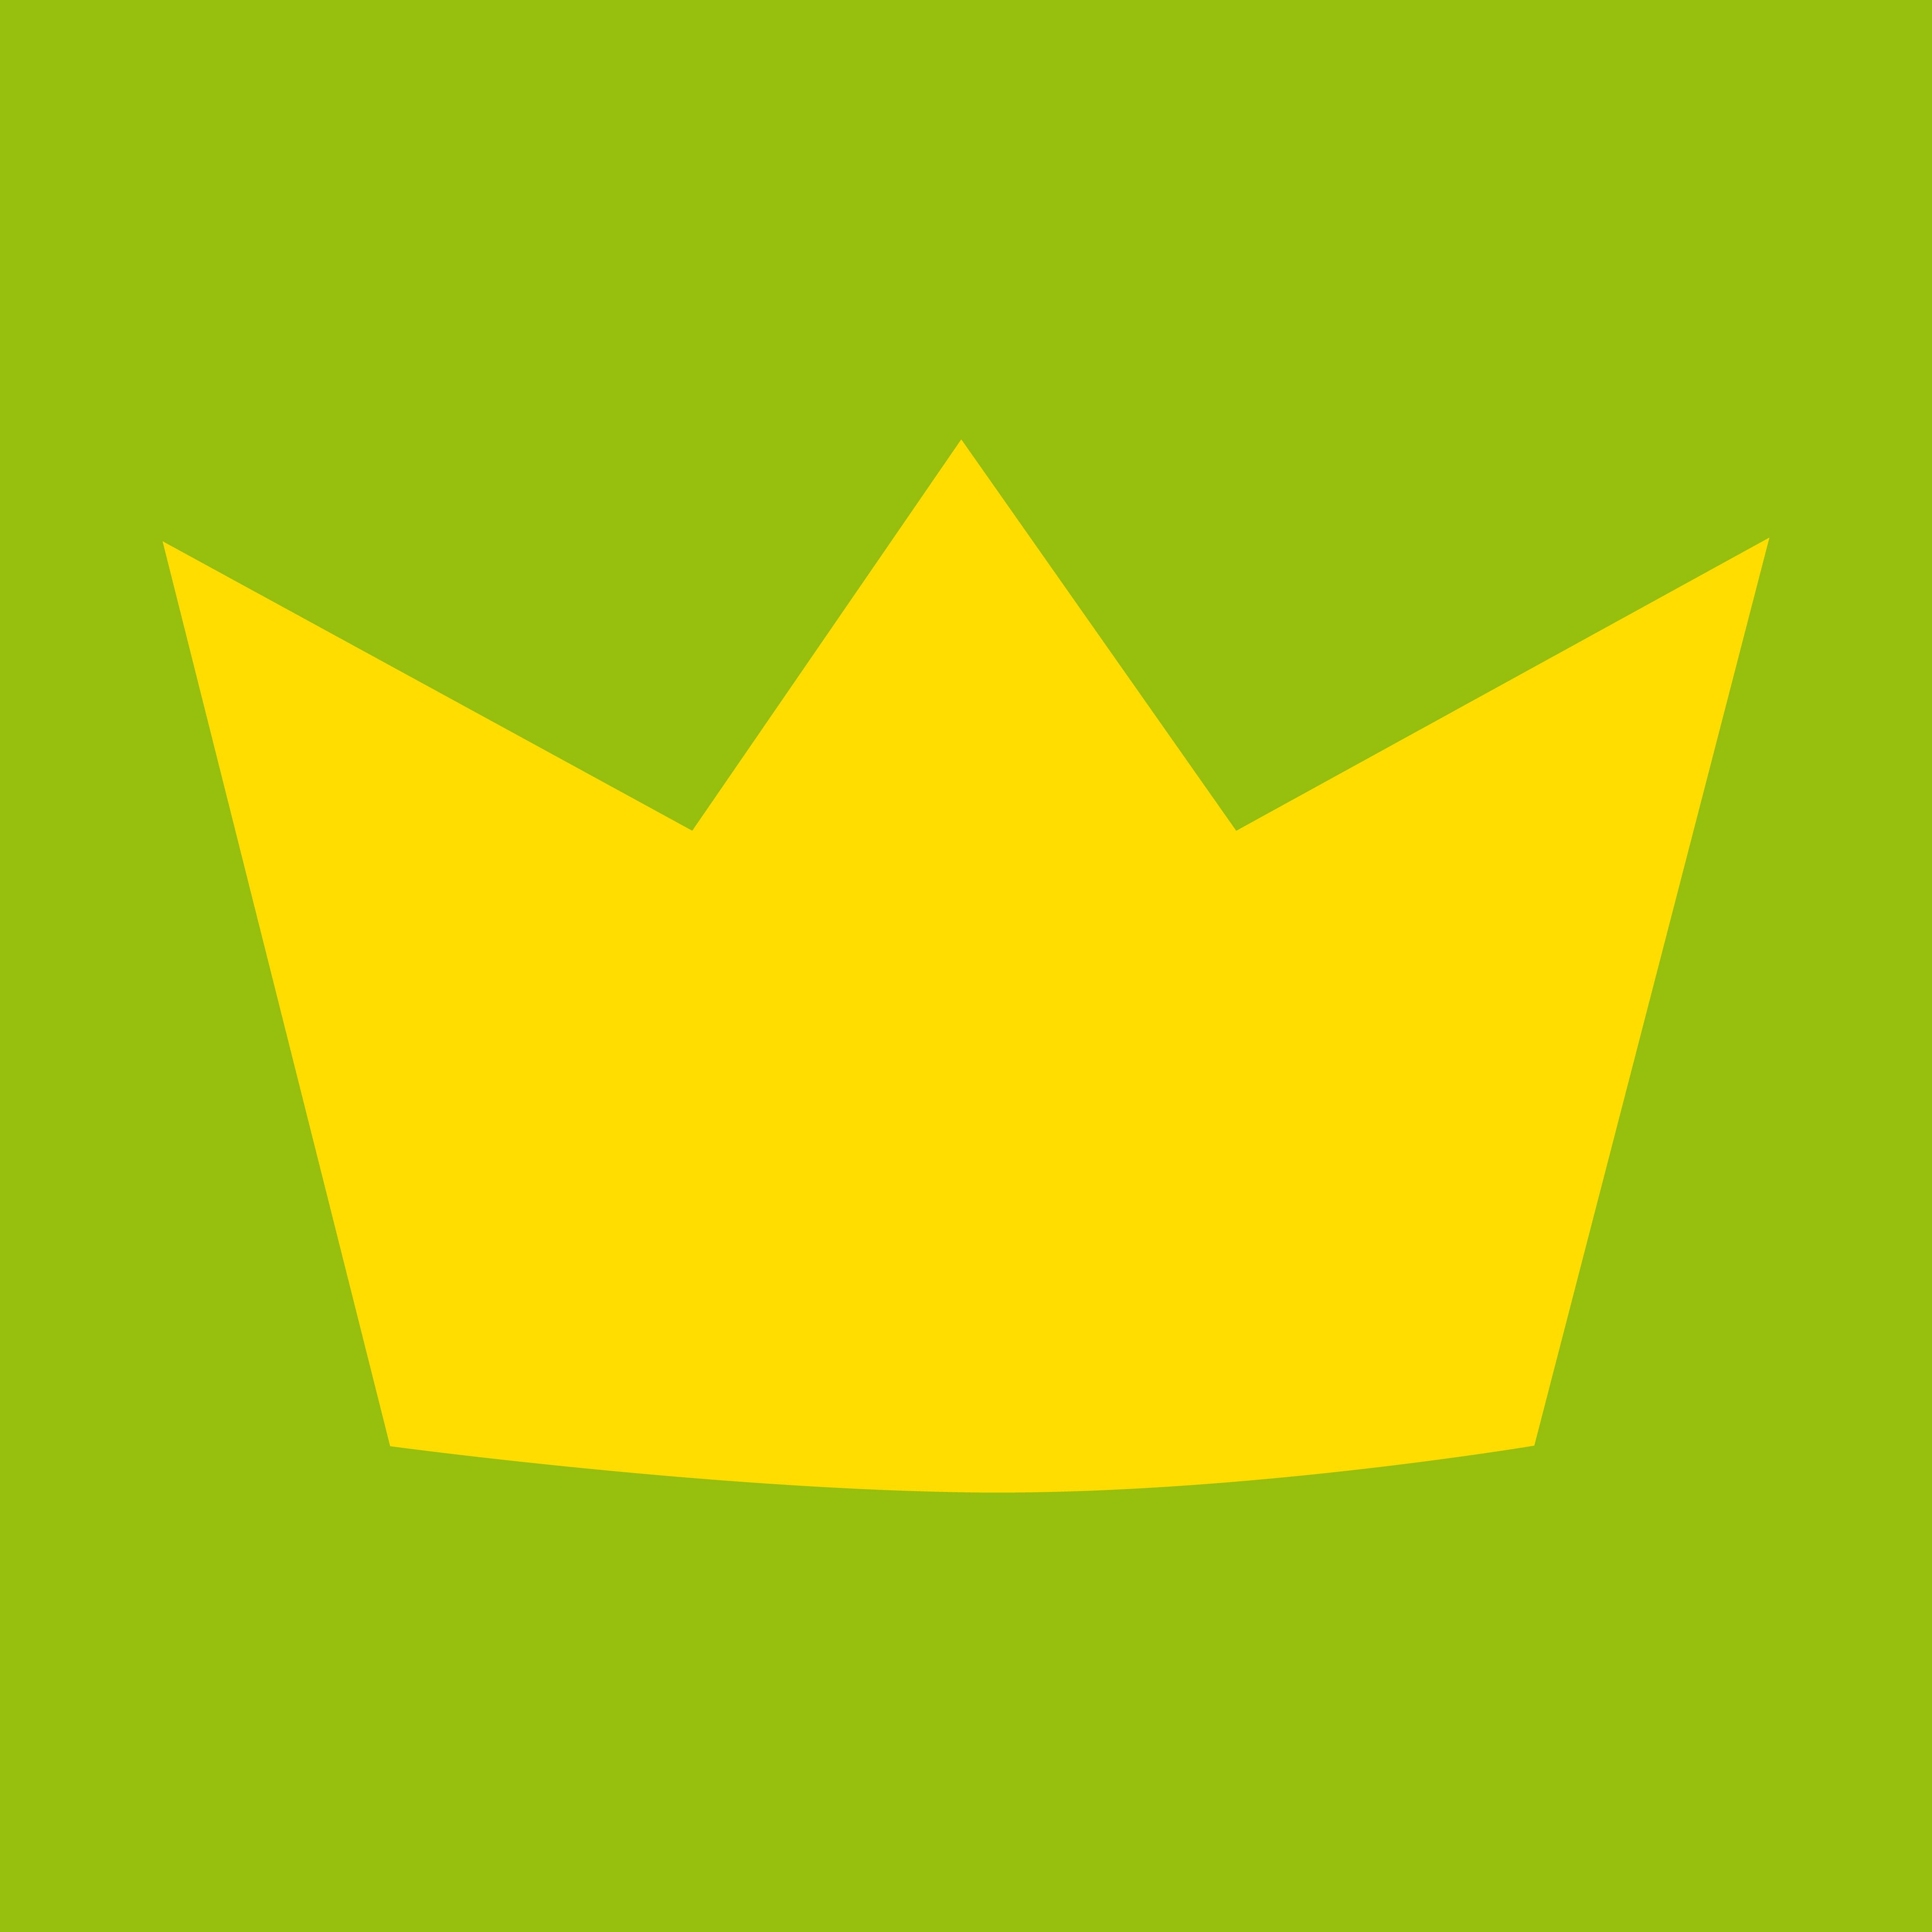 KönigsCard